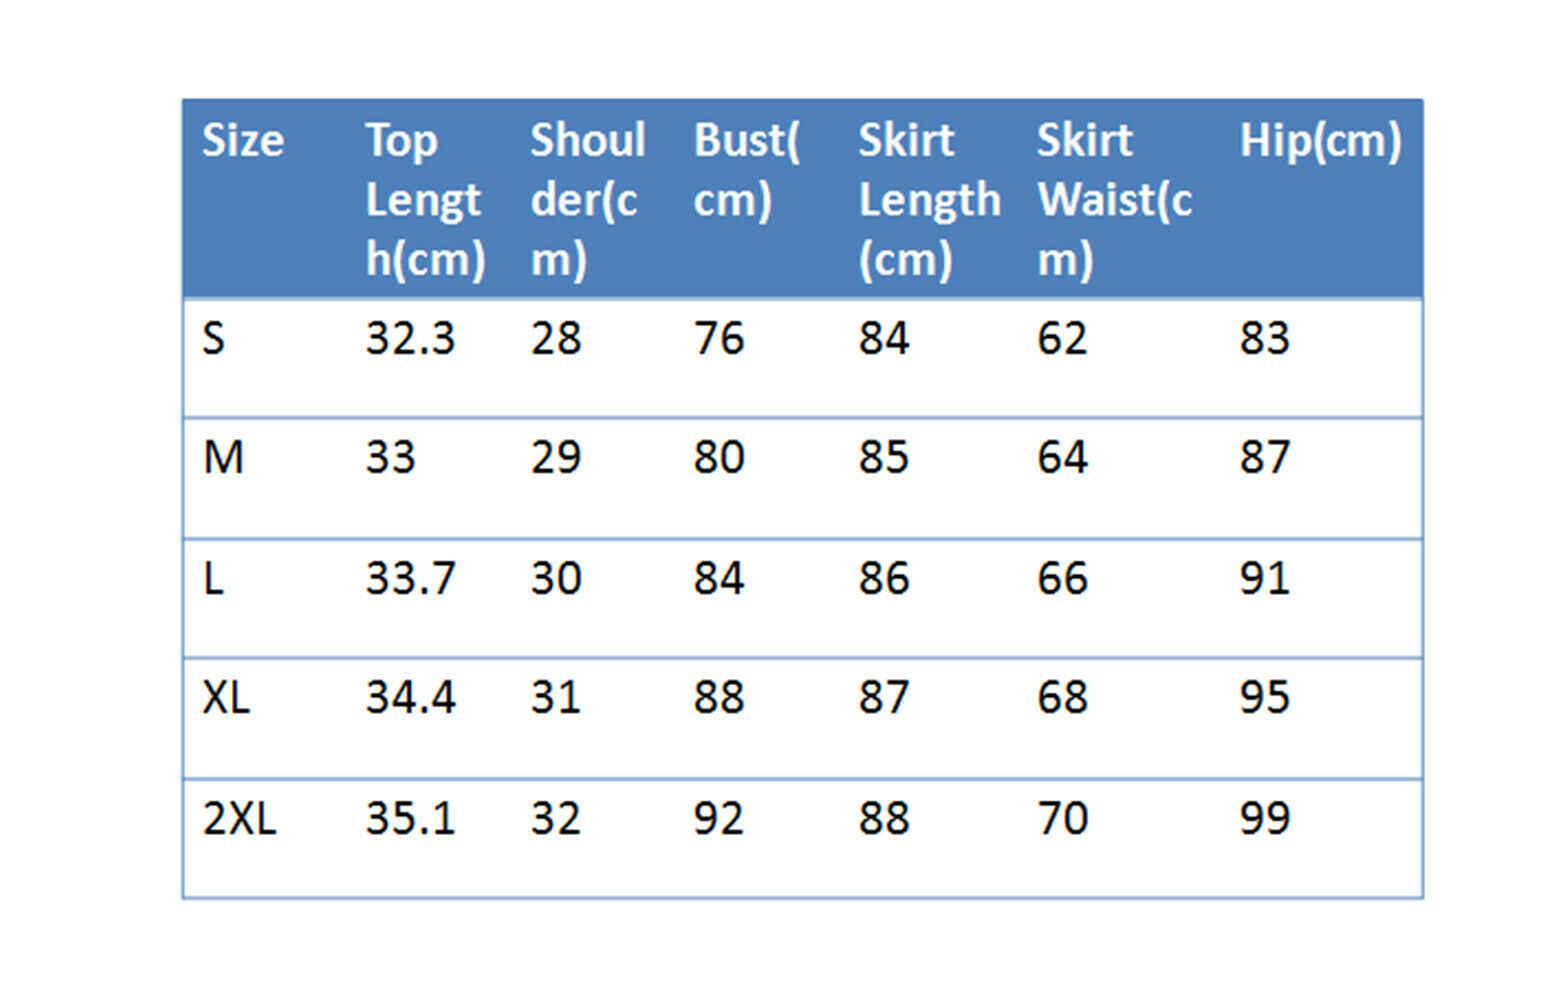 ツーピースセット 2 点セット女性の冬リブクロップトップとスカートセットマッチングセット女性二枚服新しい